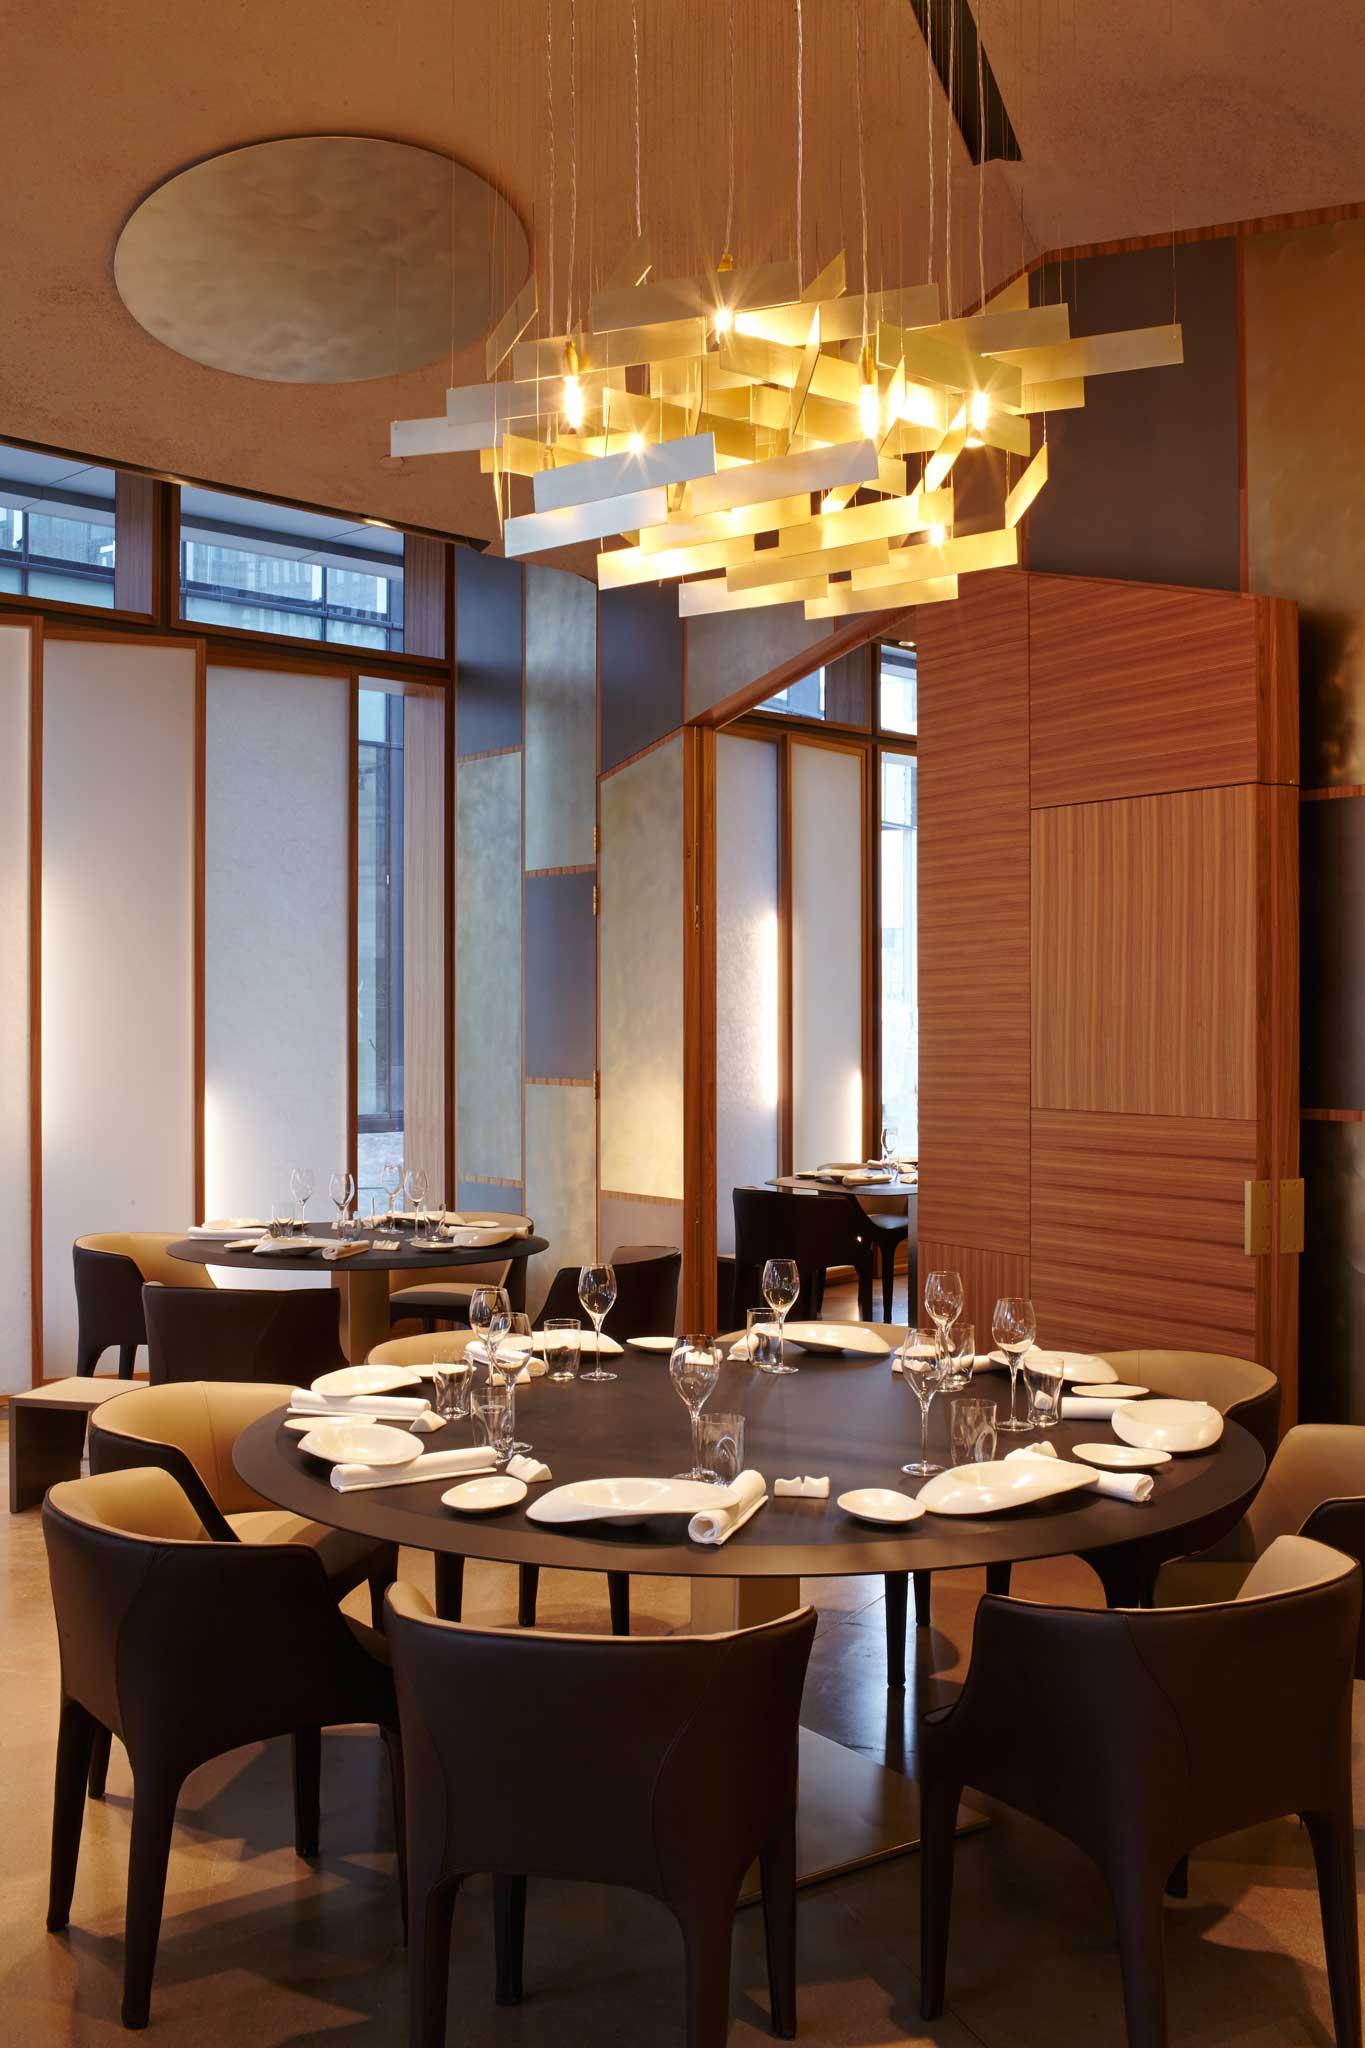 Le foto del nuovo ristorante che andrea berton apre a milano - Dove comprare un leggio da tavolo ...